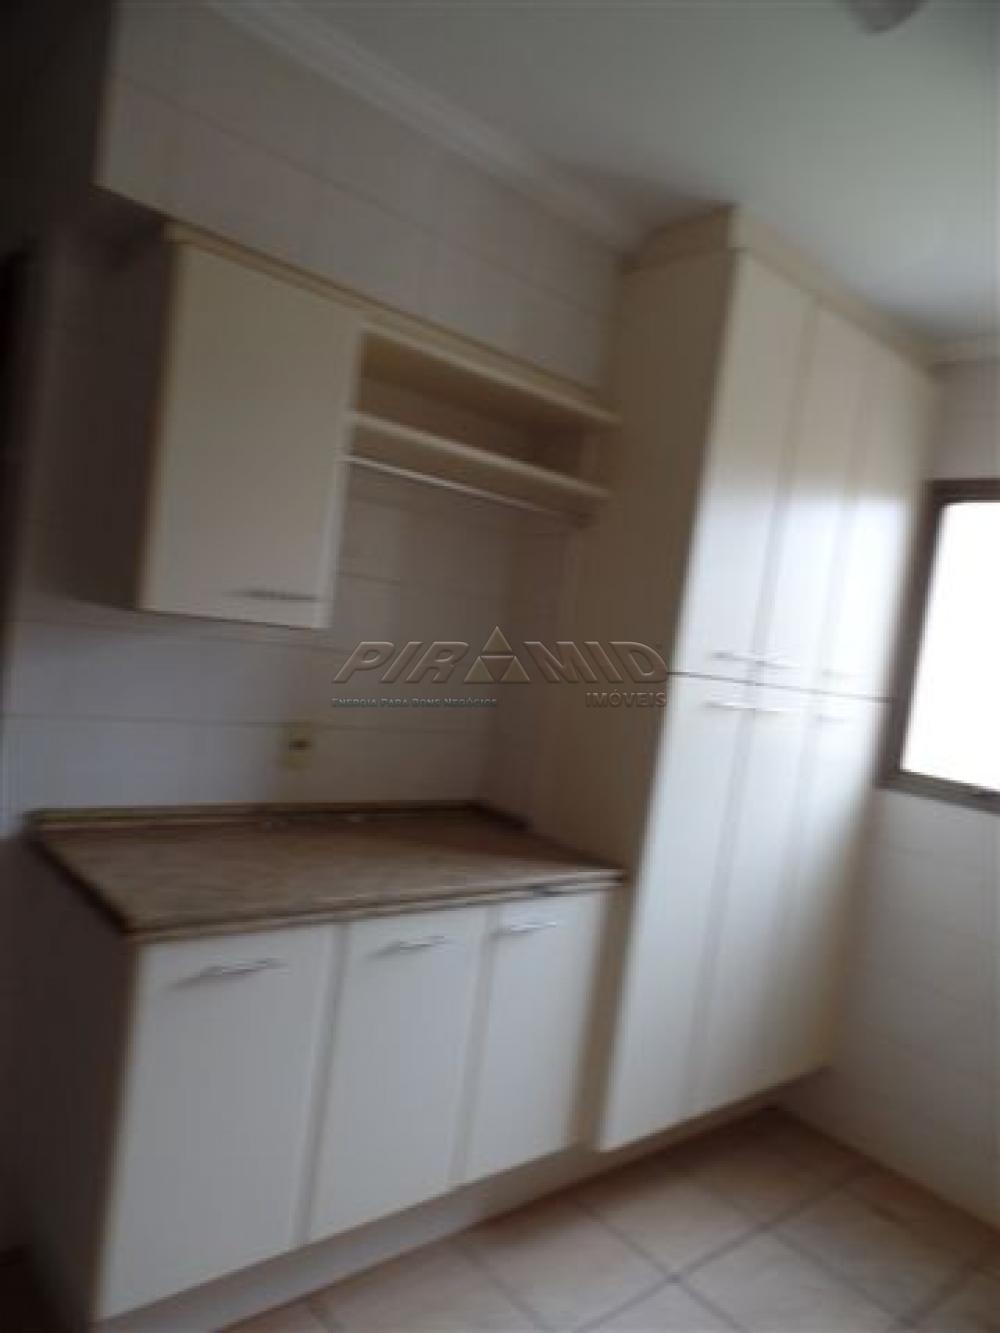 Comprar Apartamento / Padrão em Ribeirão Preto apenas R$ 620.000,00 - Foto 3